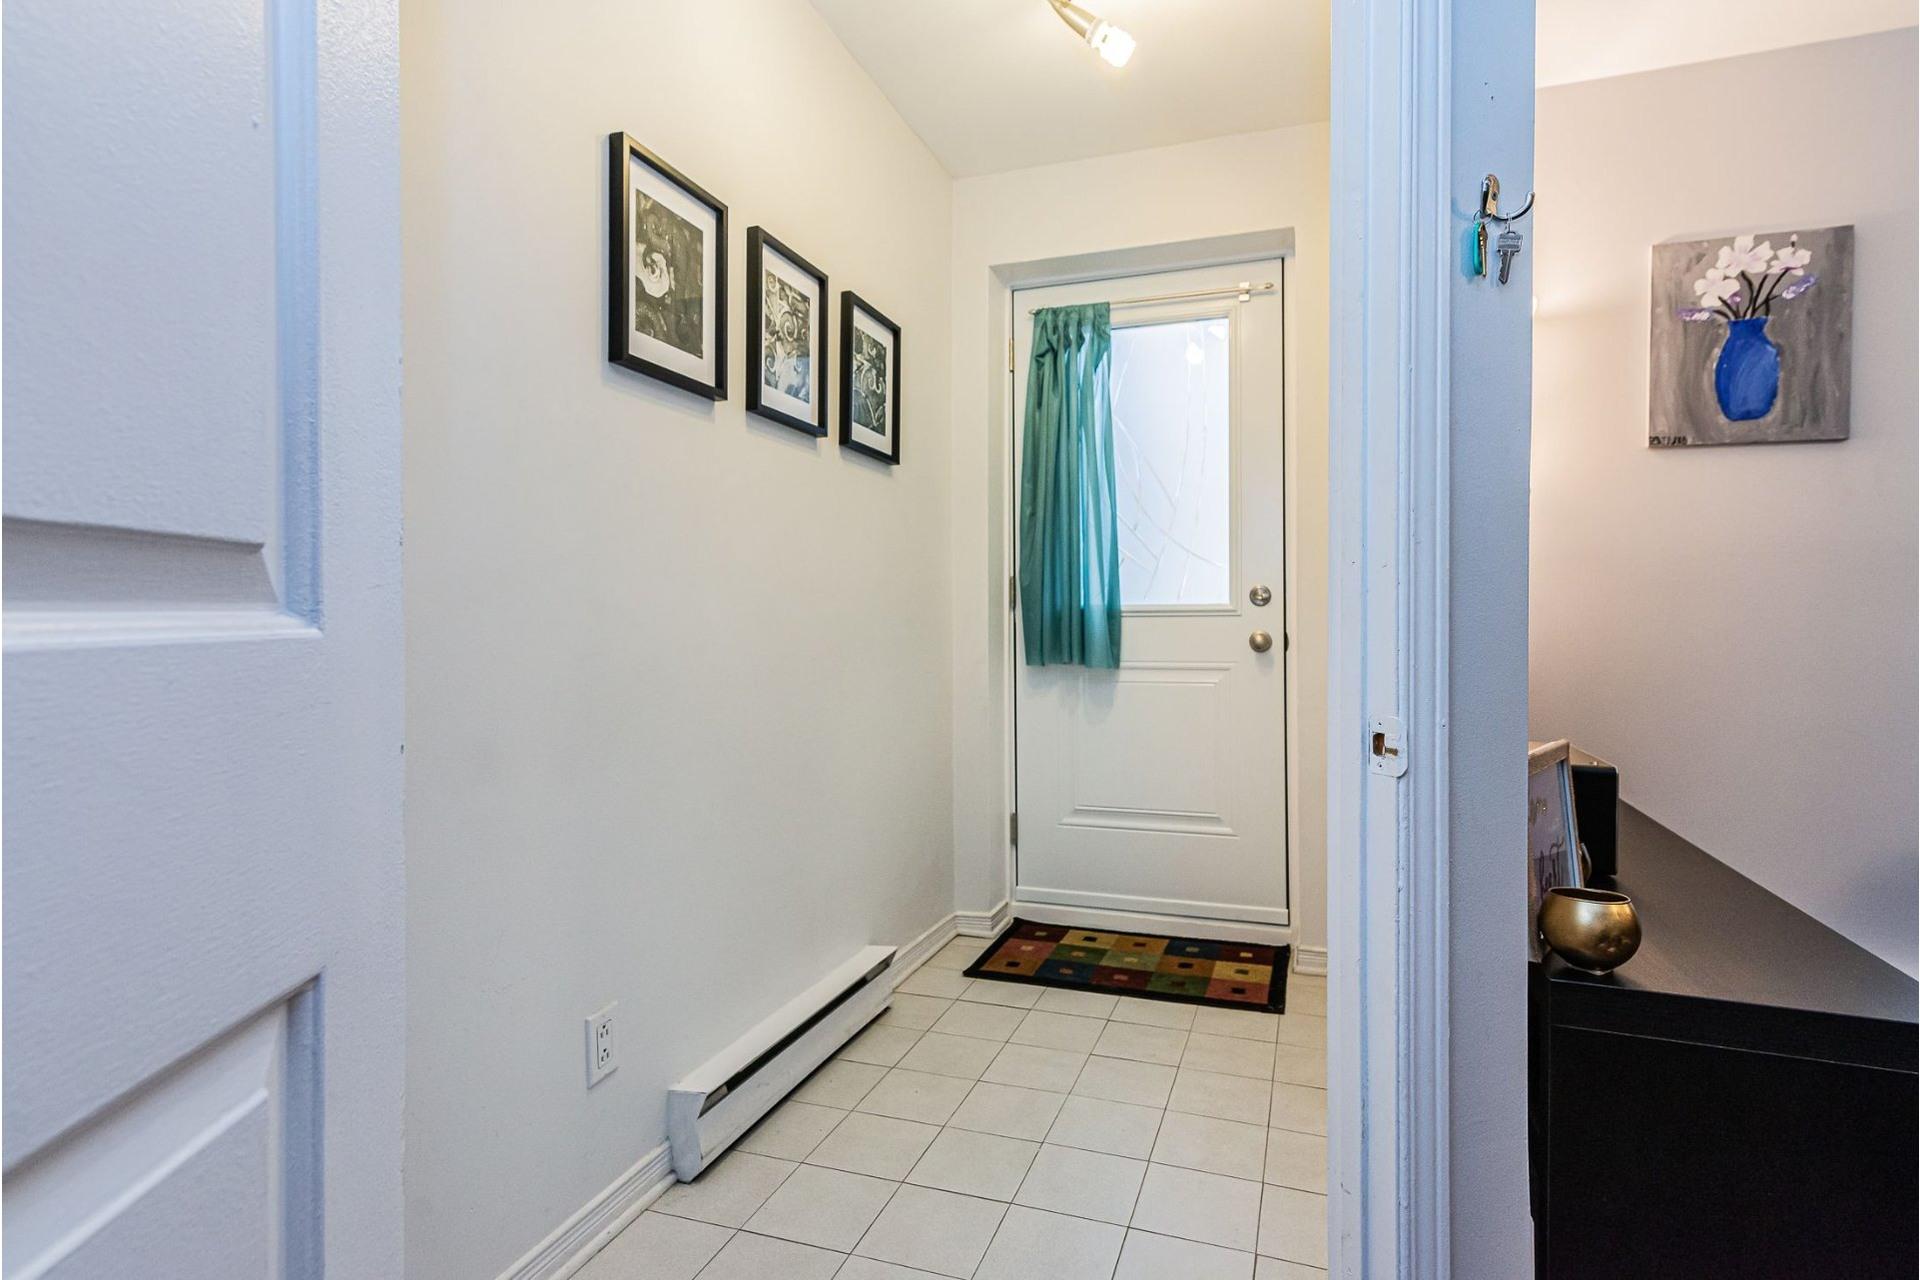 image 2 - Appartement À vendre Ville-Marie Montréal  - 6 pièces